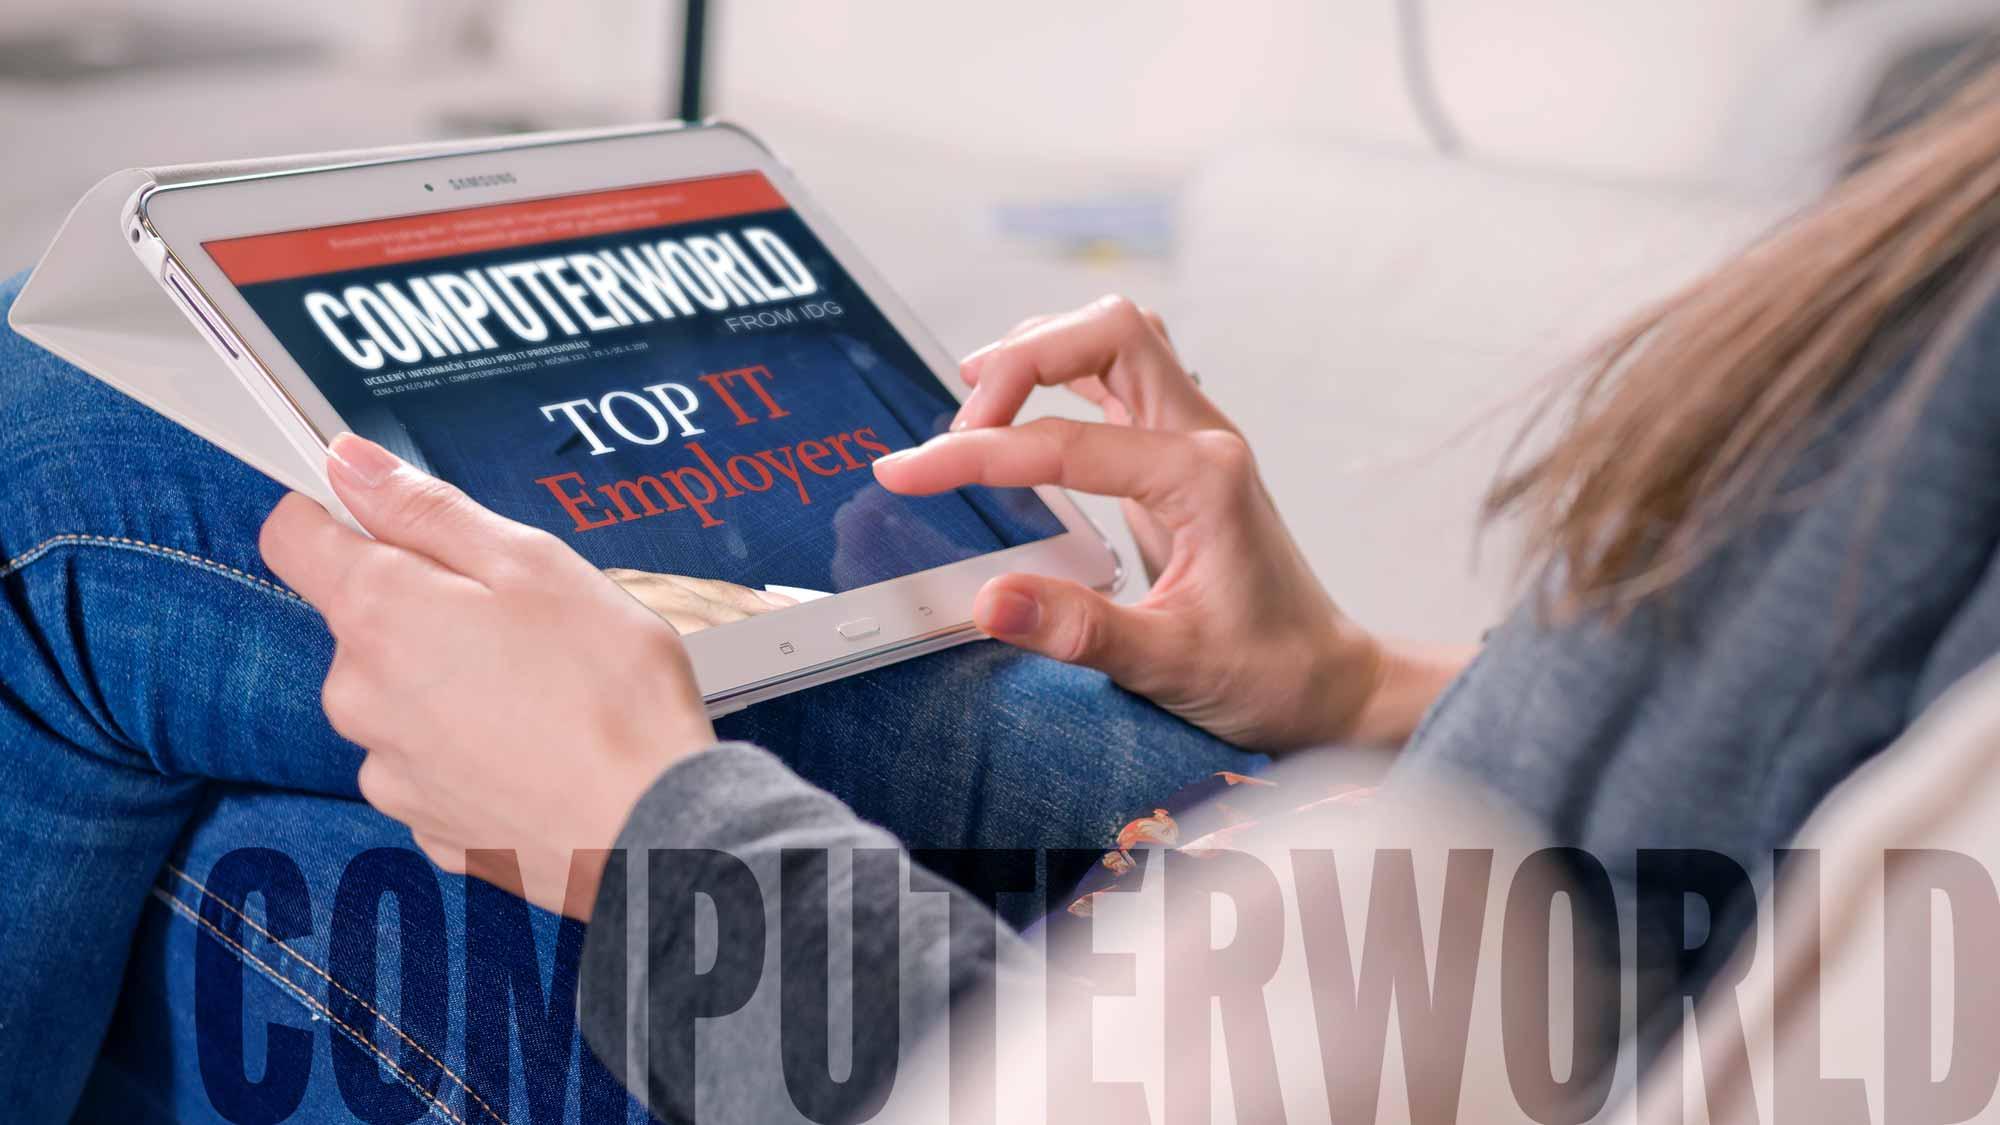 """žena konzultující časopis """"Computerworld"""" na svém tabletu"""